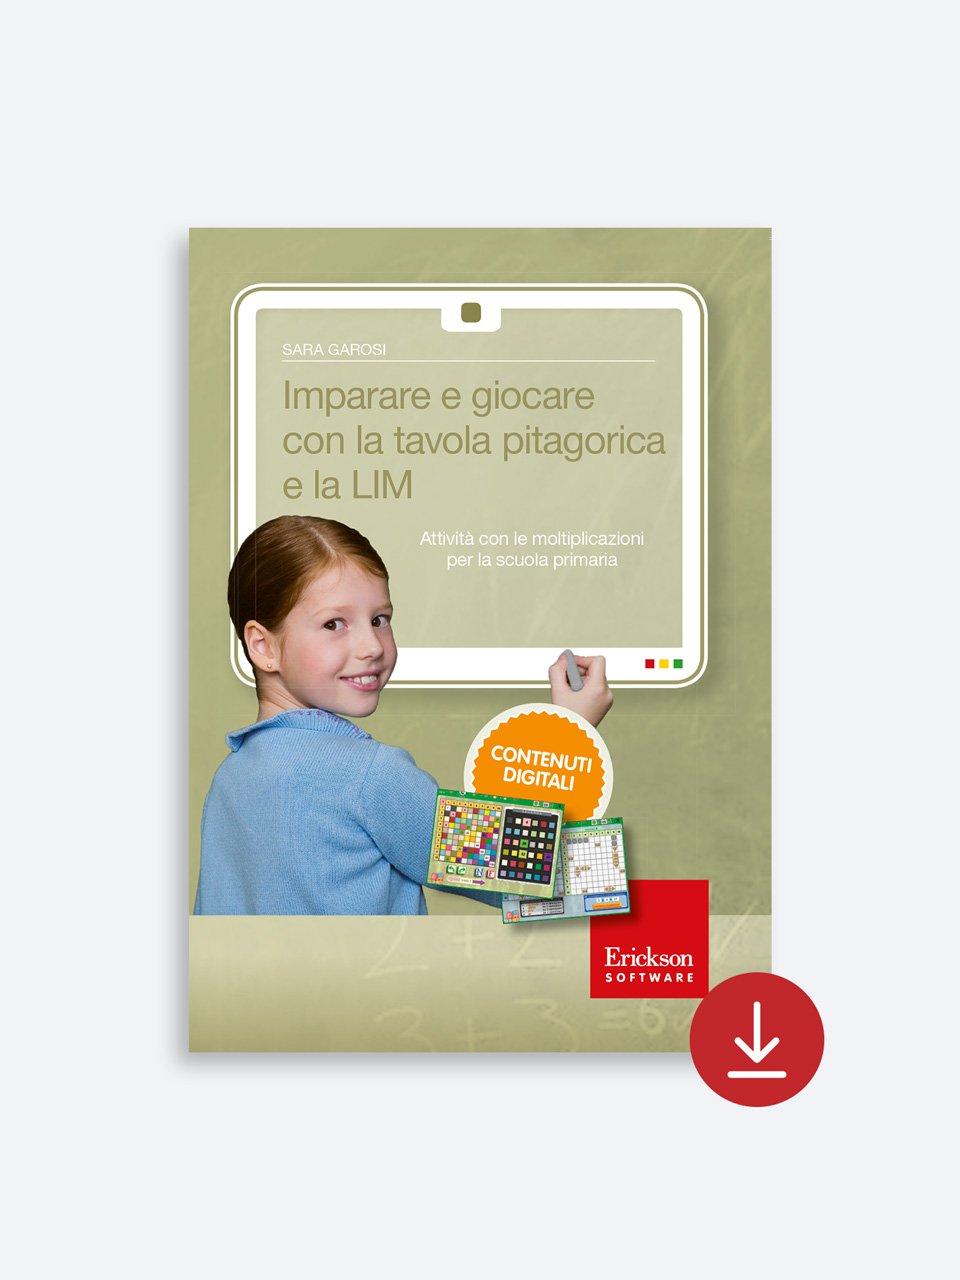 Imparare e giocare con la tavola pitagorica e la L - App e software - Erickson 3